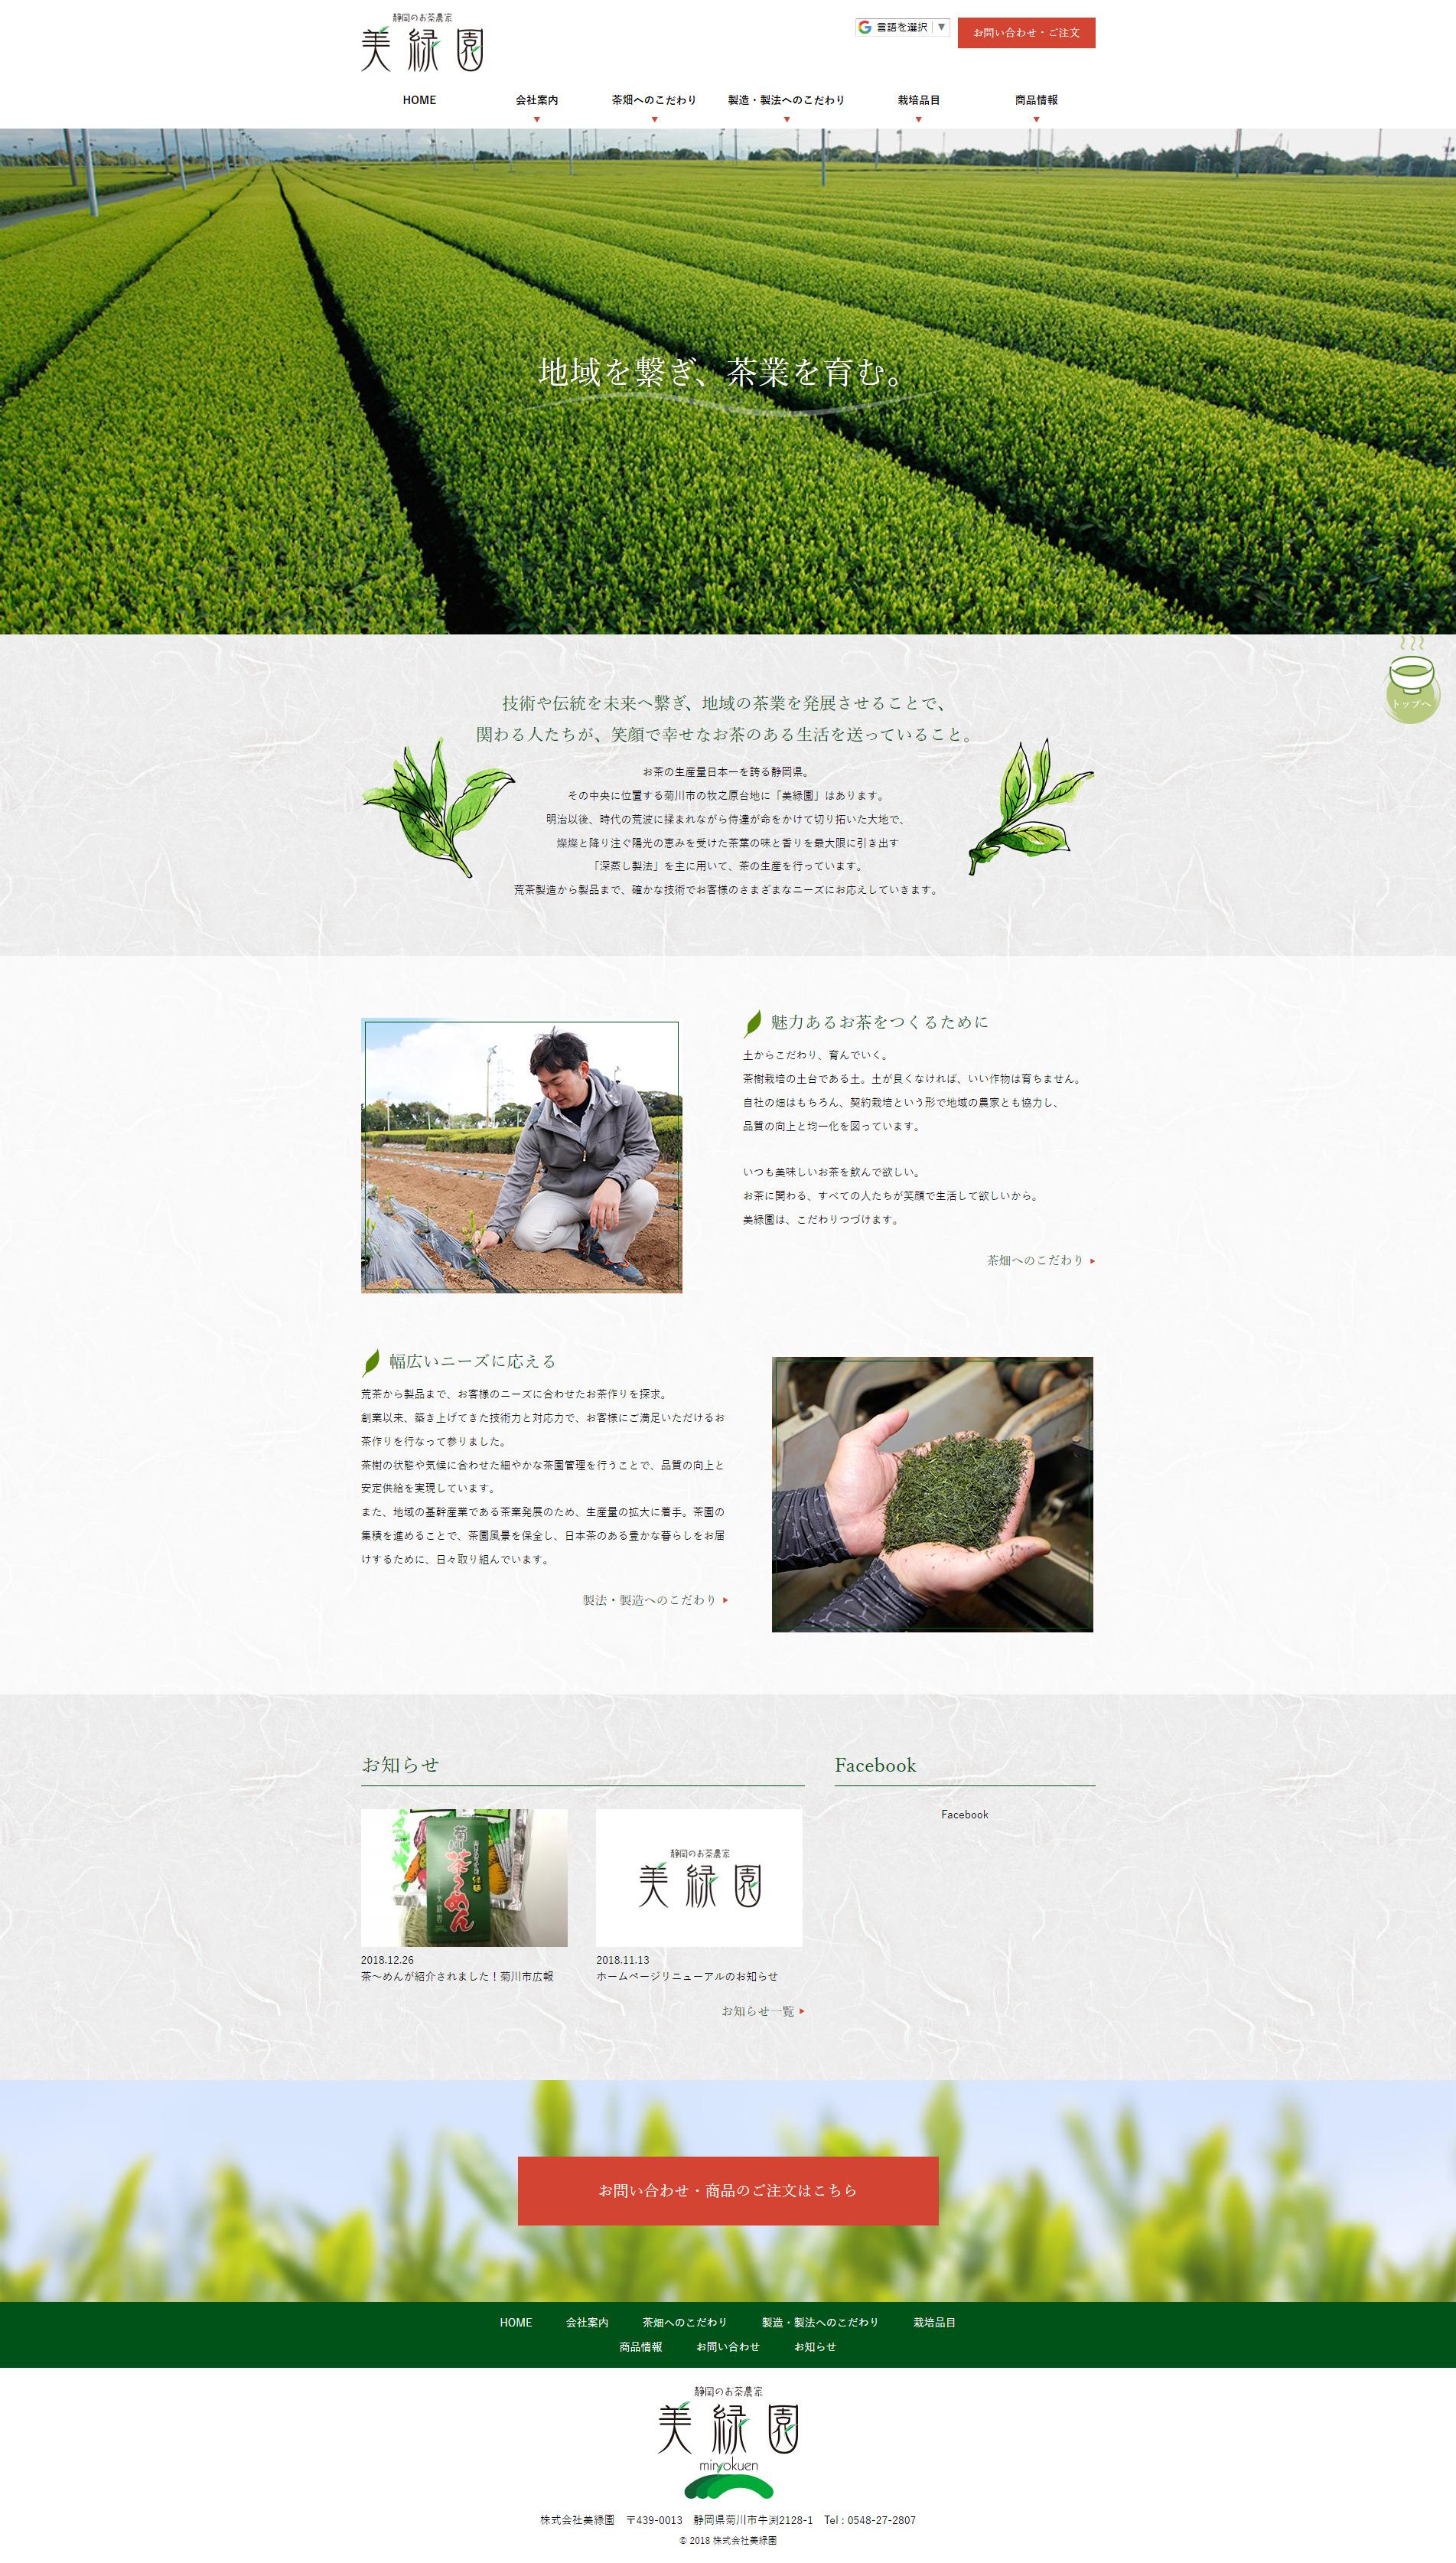 ホームページ制作実績株式会社美緑園 様